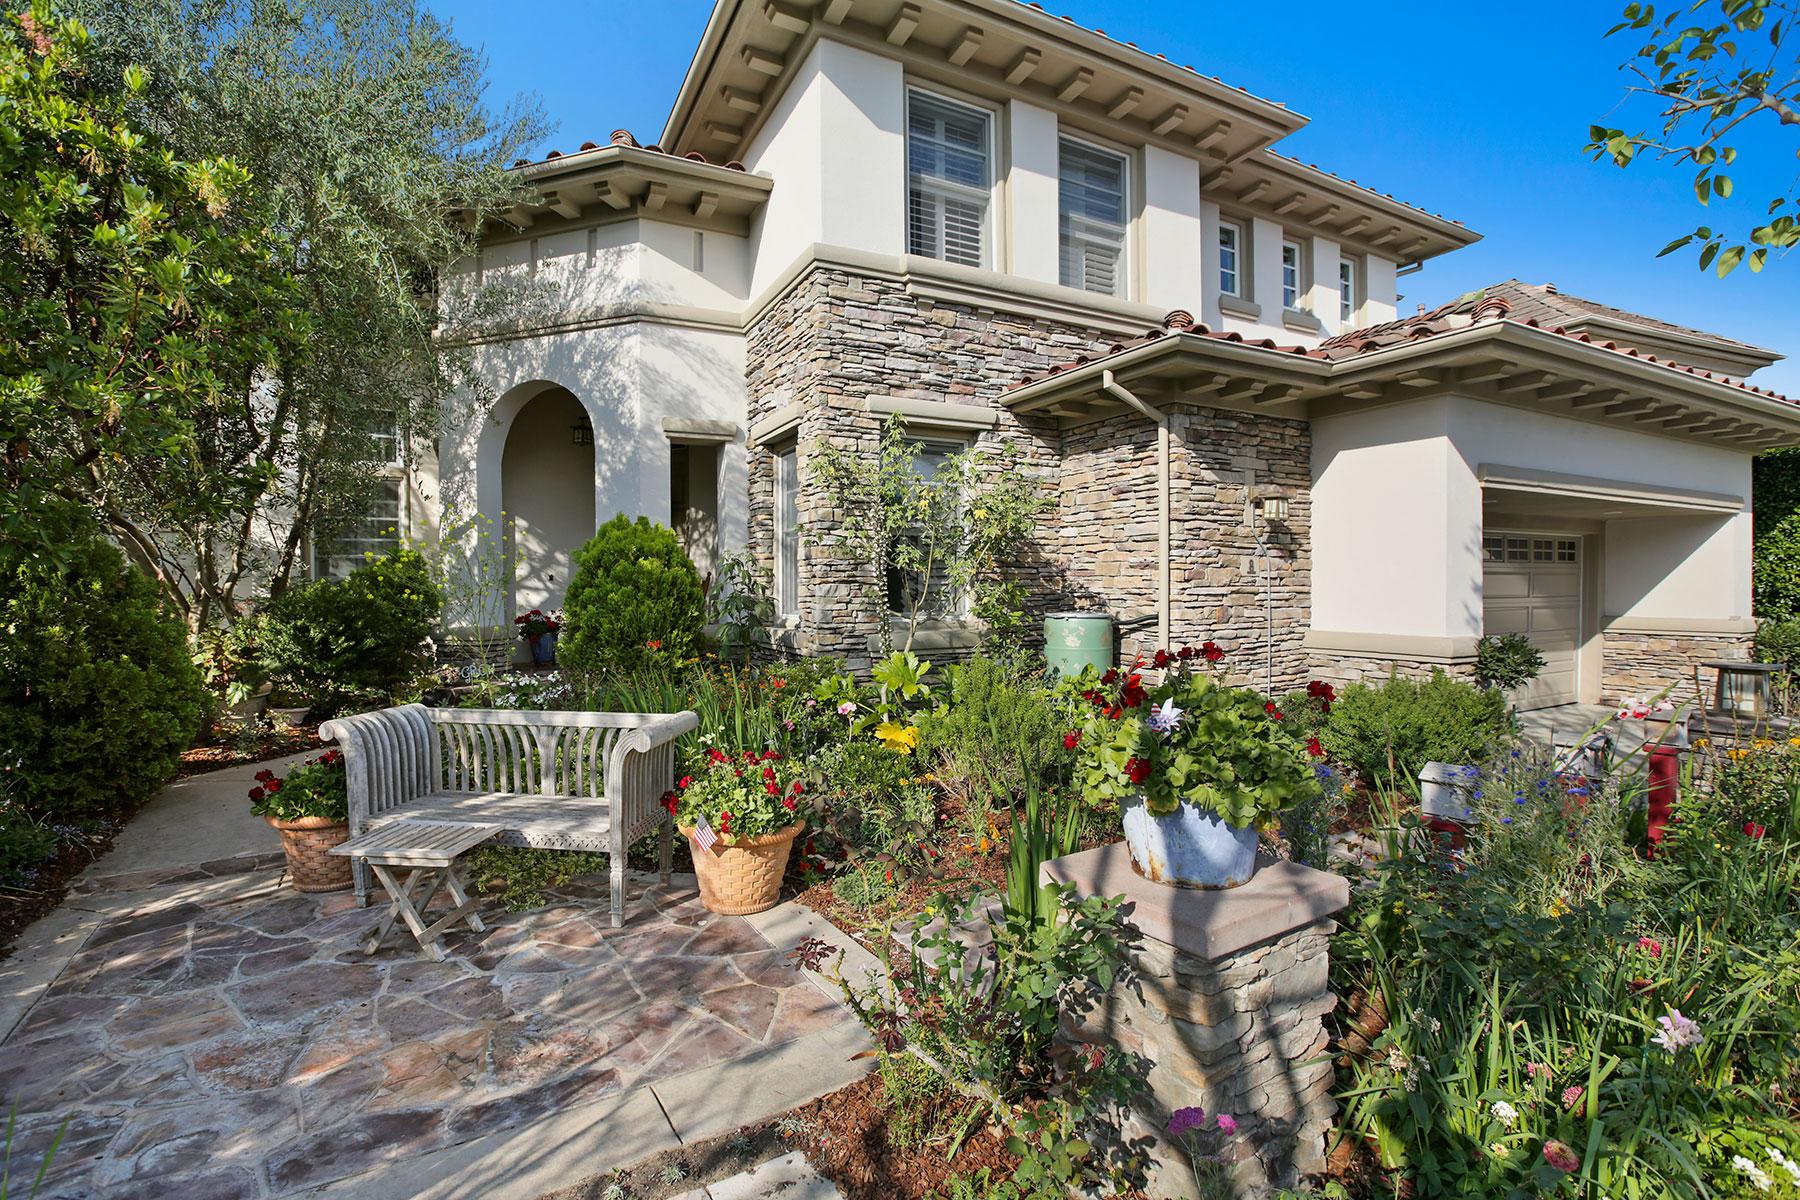 Частный односемейный дом для того Продажа на 8 Jupiter Hills Newport Beach, Калифорния, 92660 Соединенные Штаты